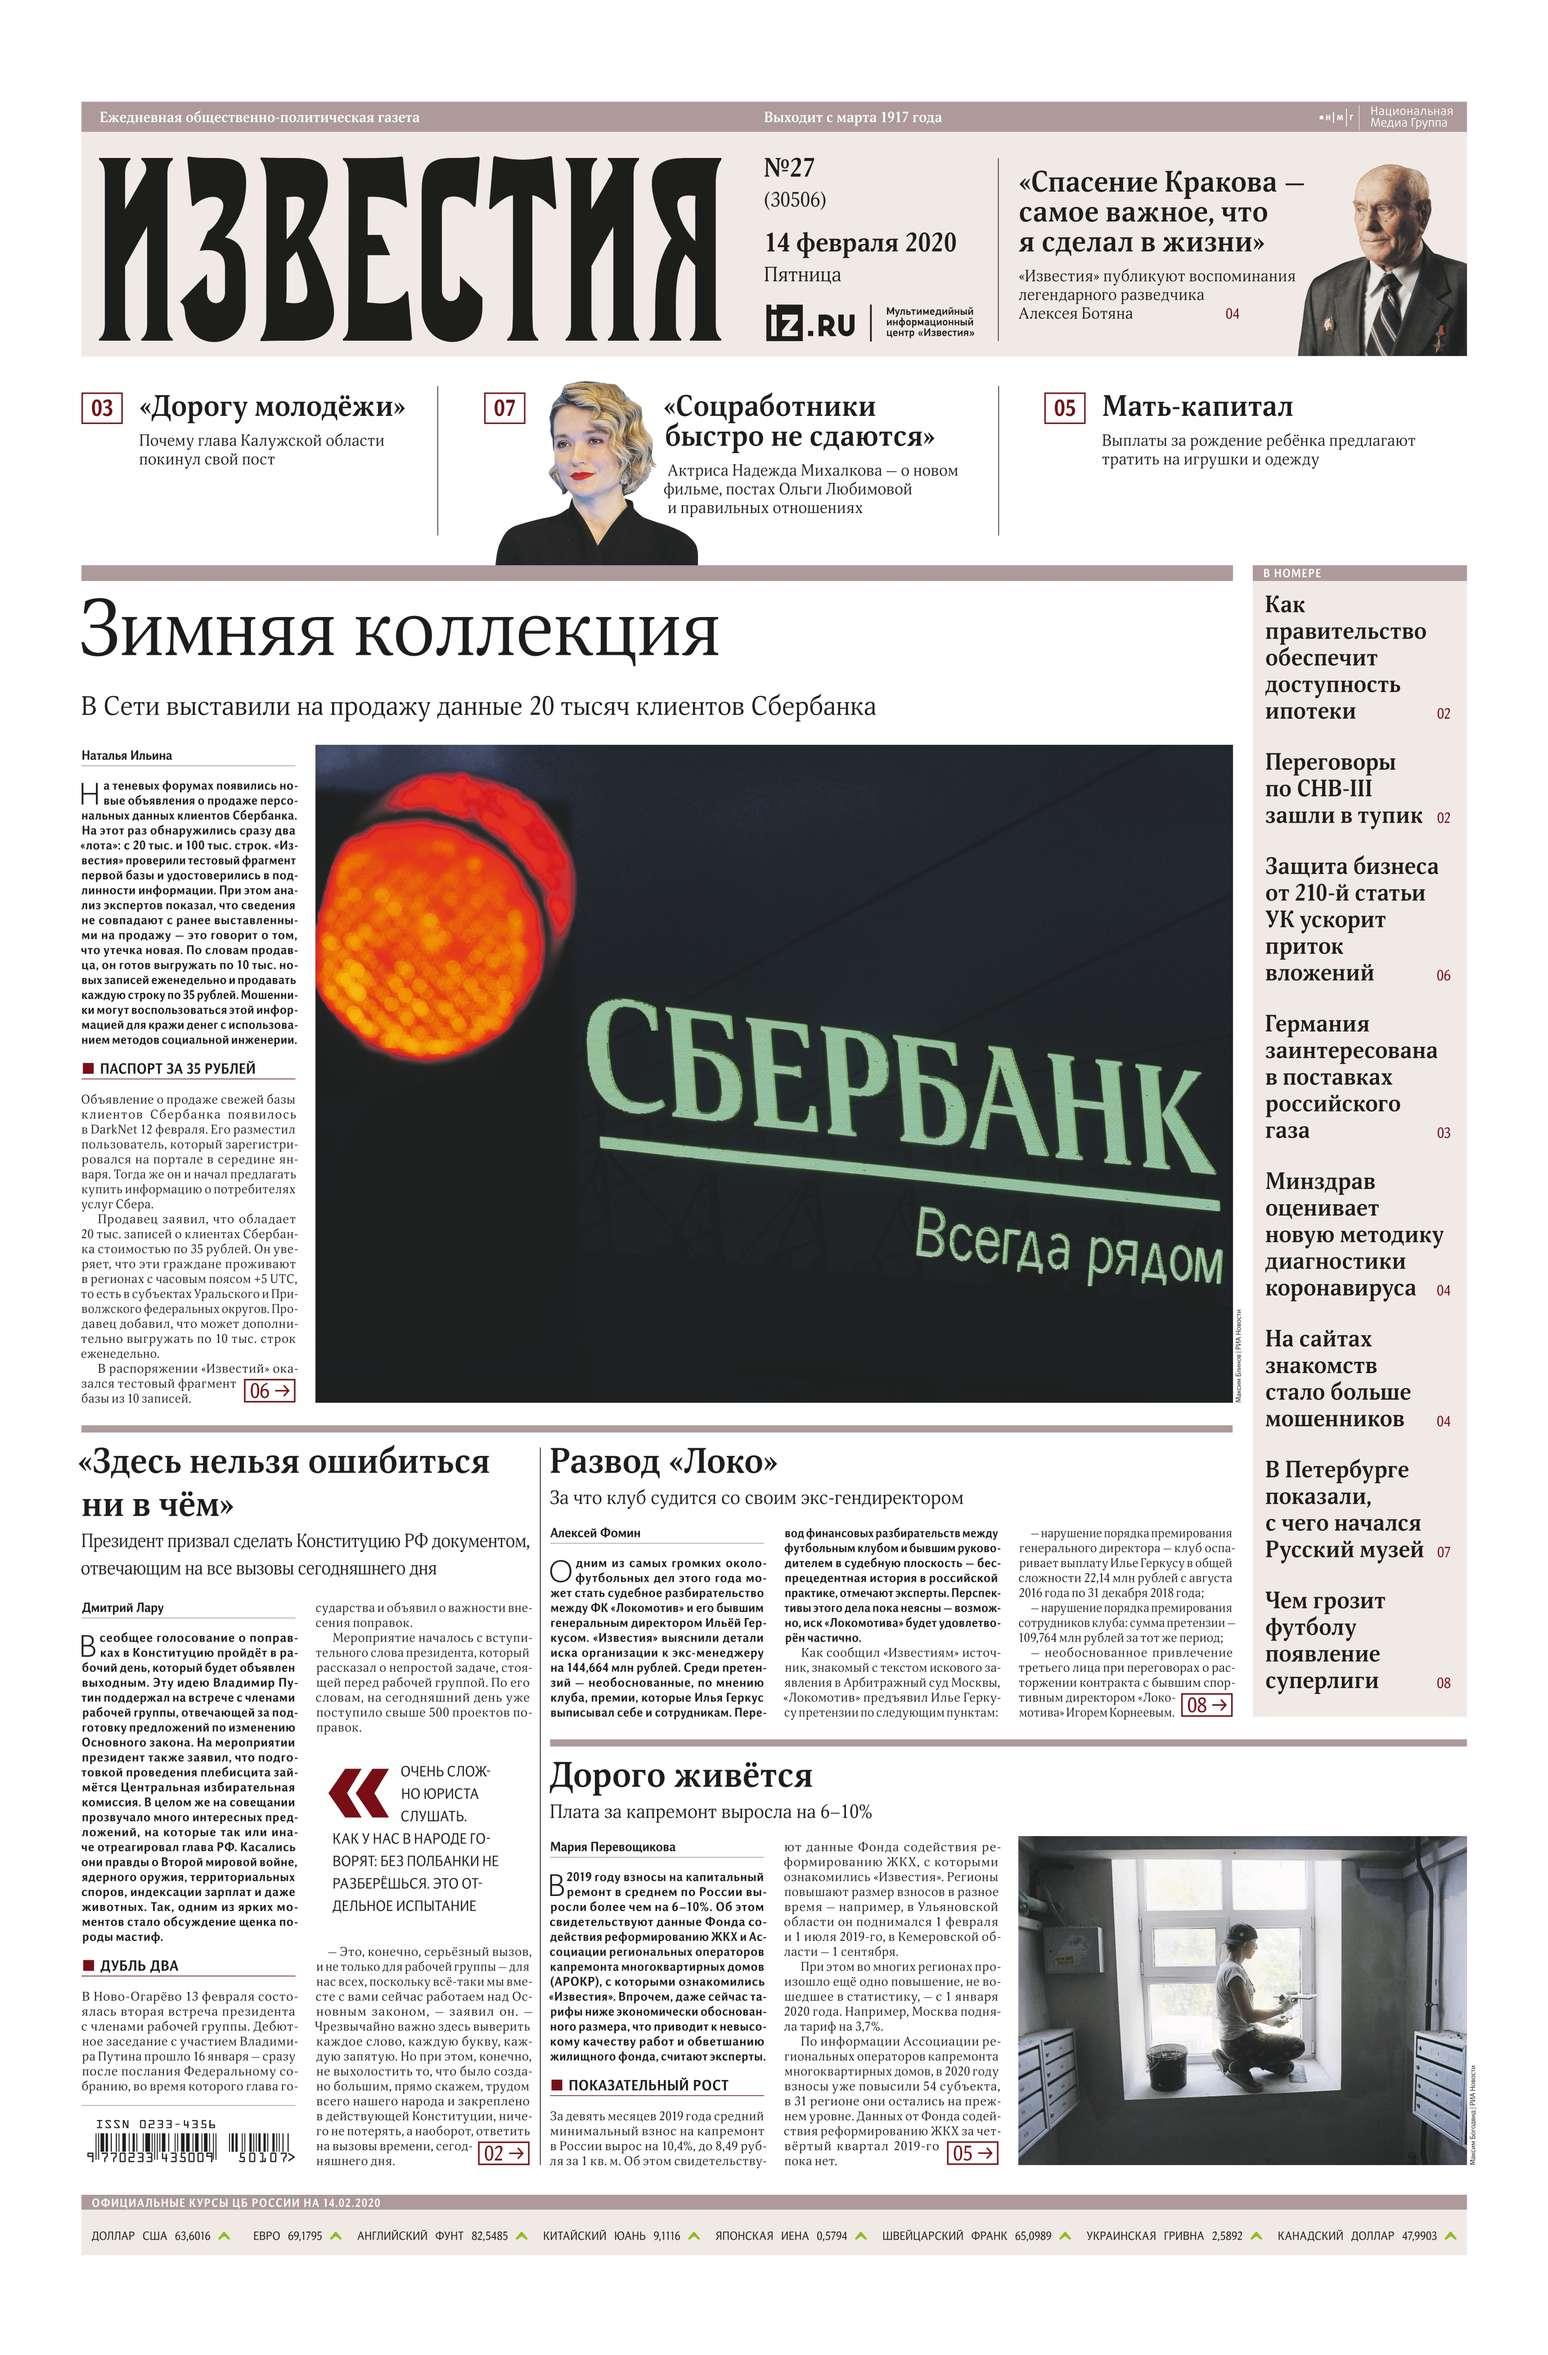 цена Редакция газеты Известия Известия 27-2020